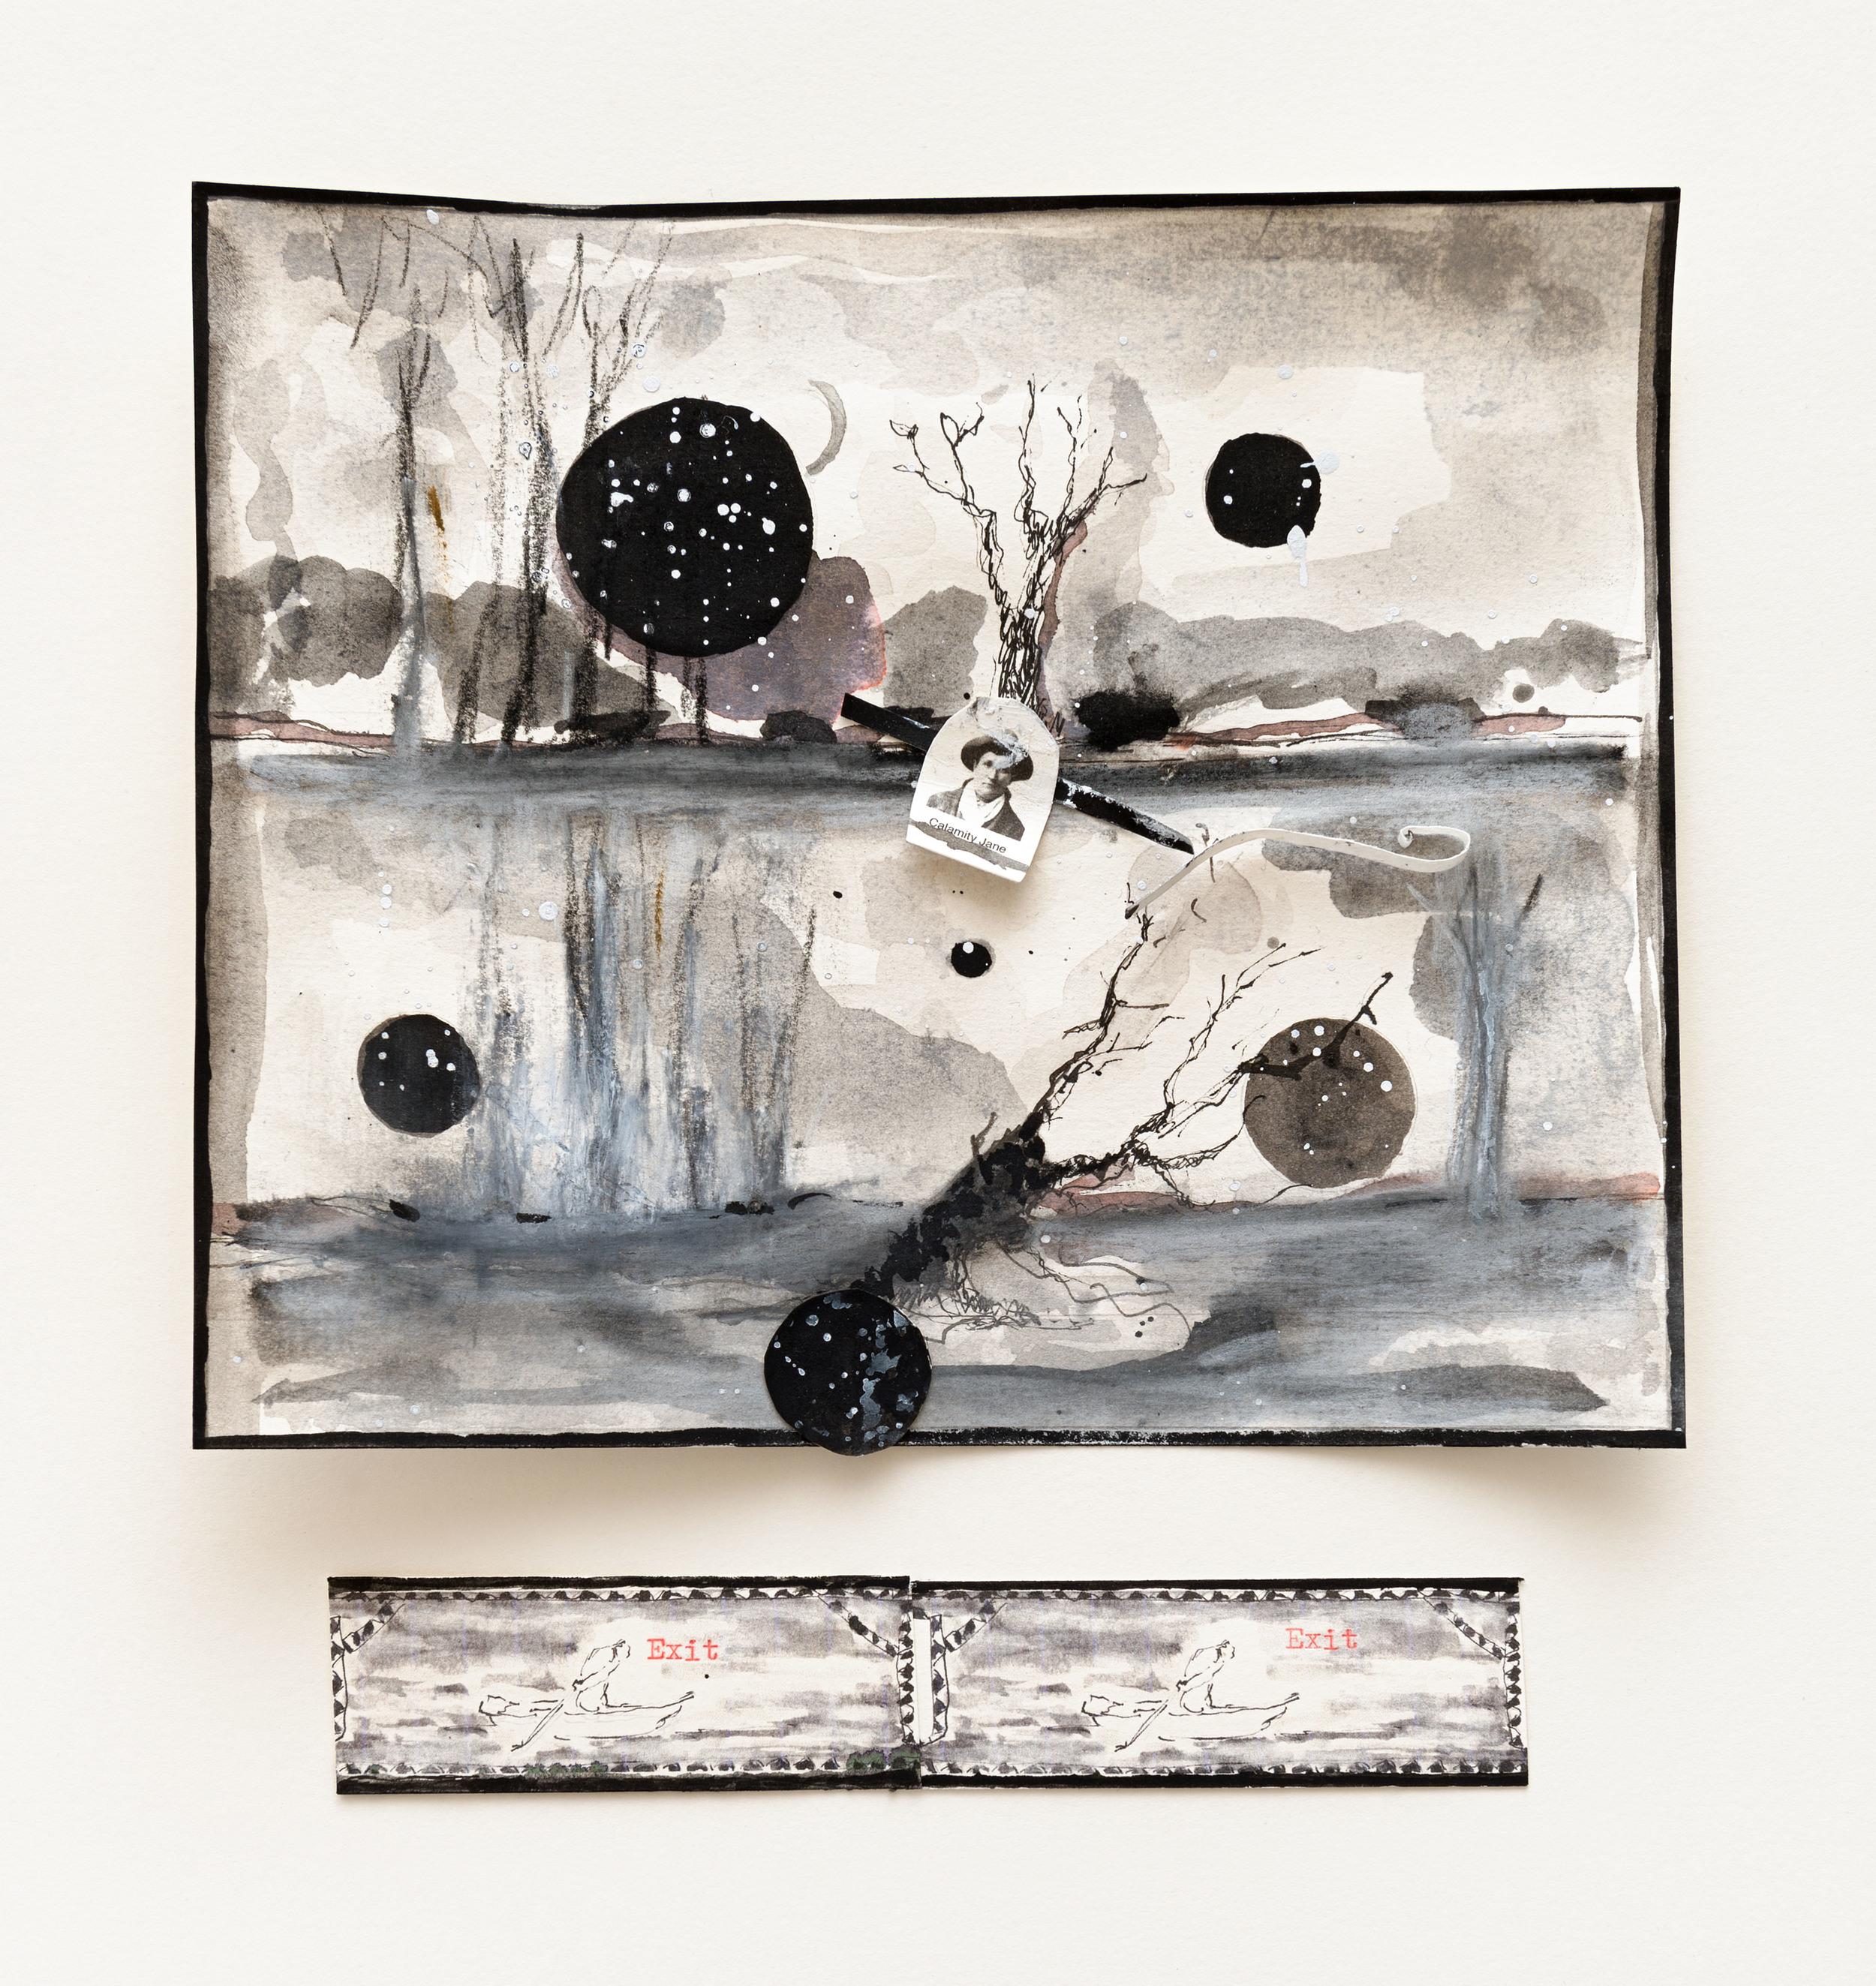 """Valérie Favre, """"Exit-Exit"""", encre de chine, gouache, aquarelle, pastel sec, machine à écrire, 22,5 x 22 cm, 2015/2016"""